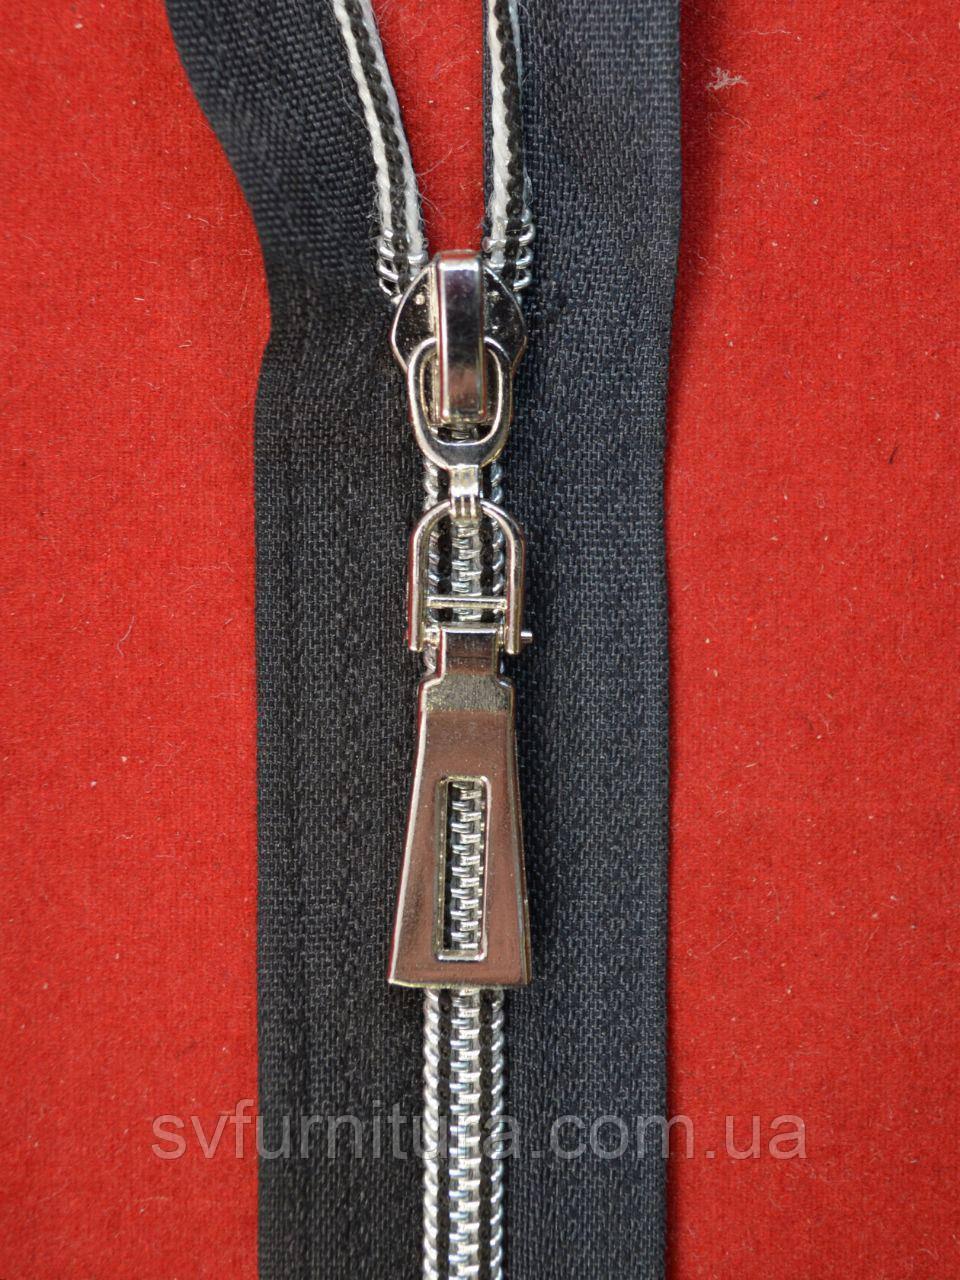 Блискавка спіраль 5 антик Малий трик срібло 322 95см 2 соб